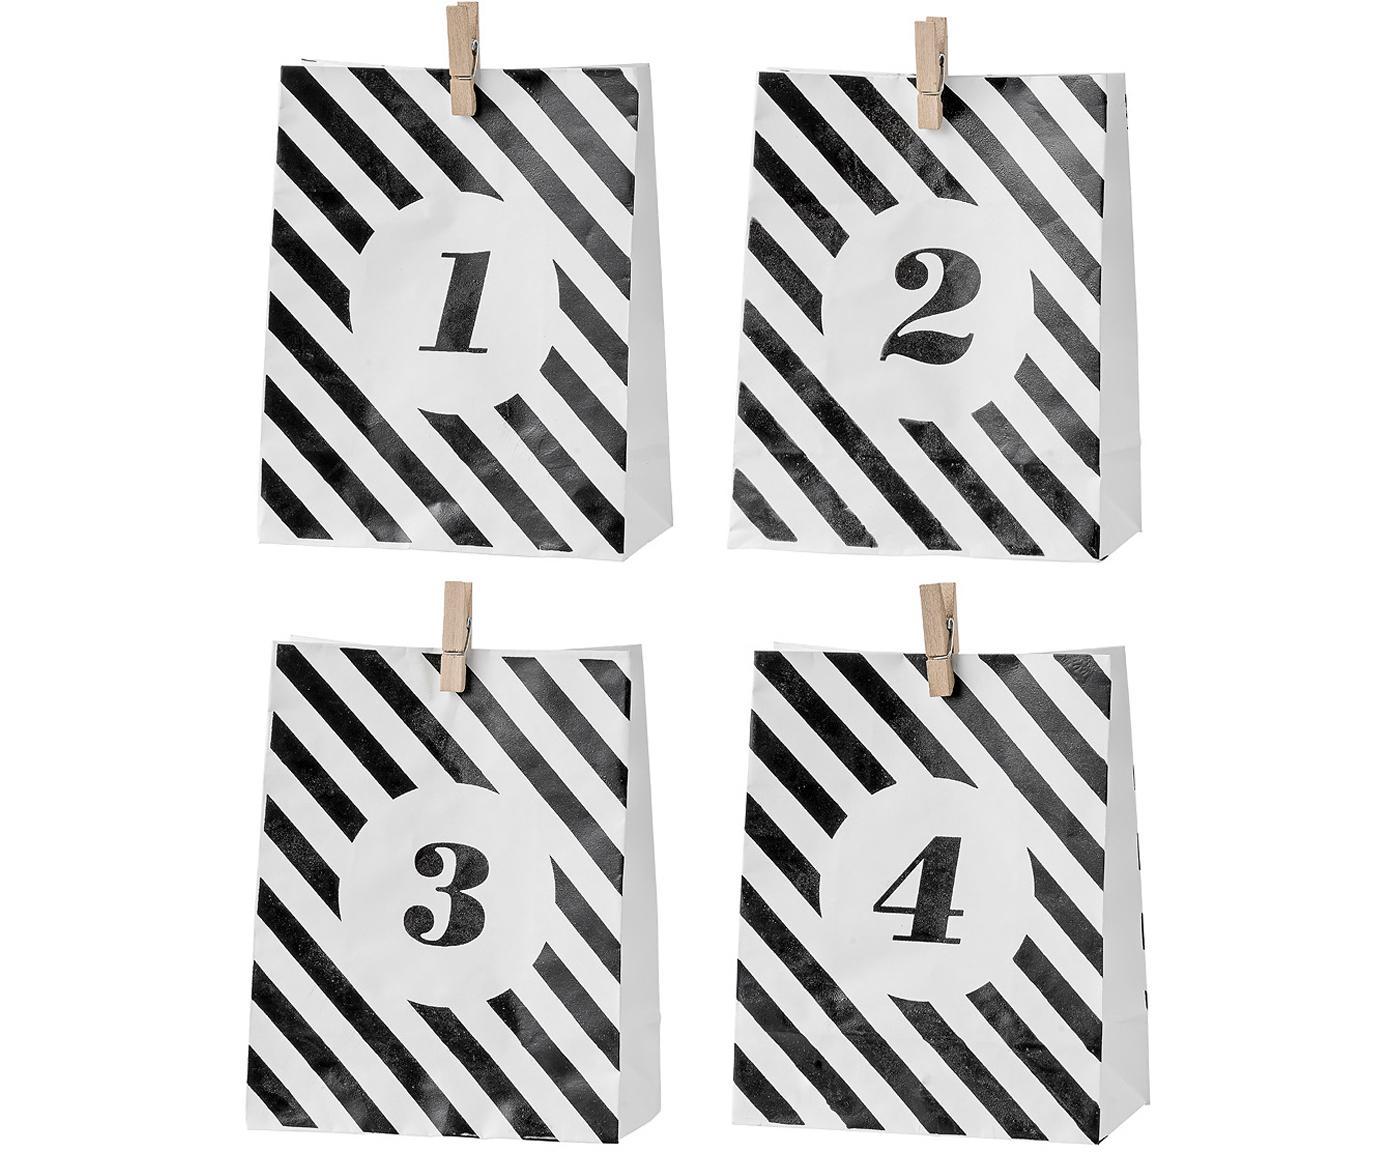 Komplet toreb papierowych Advent, 4 elem., Papier, Czarny, biały, S 15 x W 18 cm